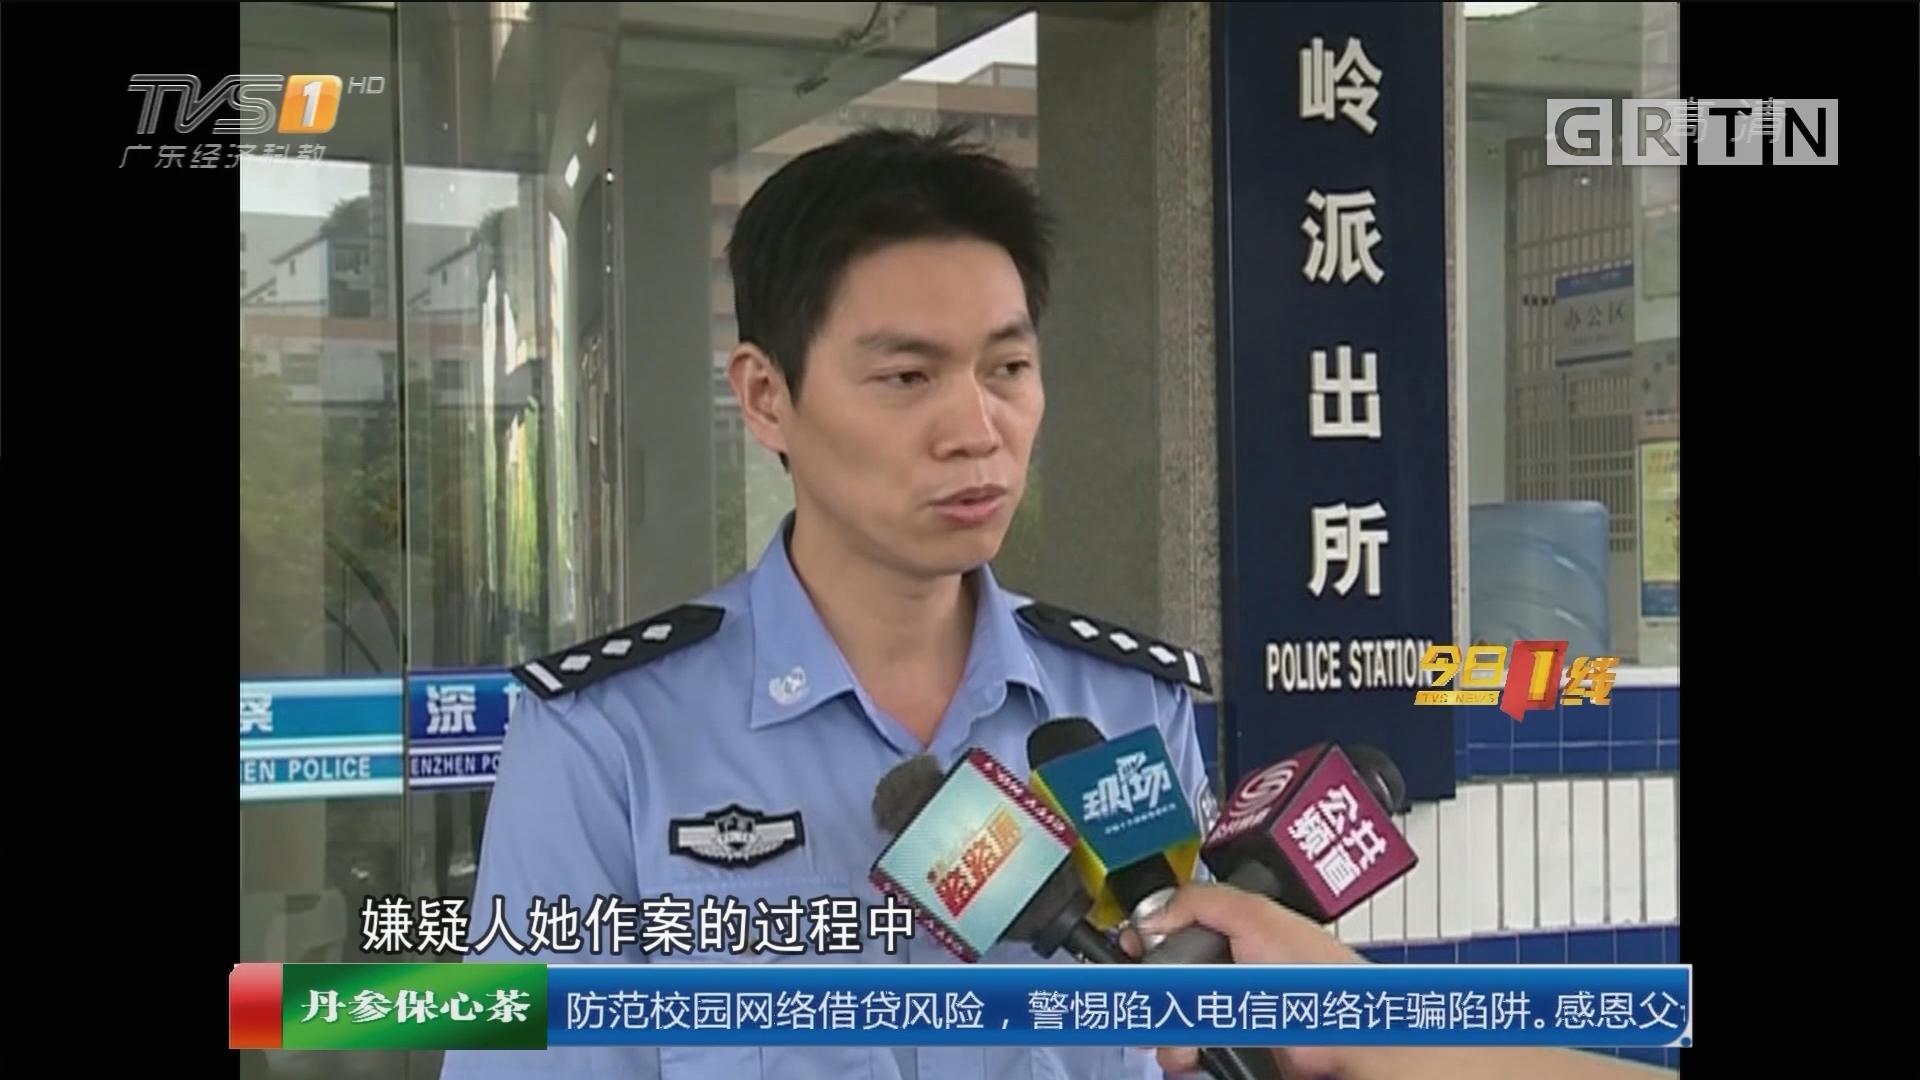 深圳:婴儿车财物接连被盗 女贼终落网